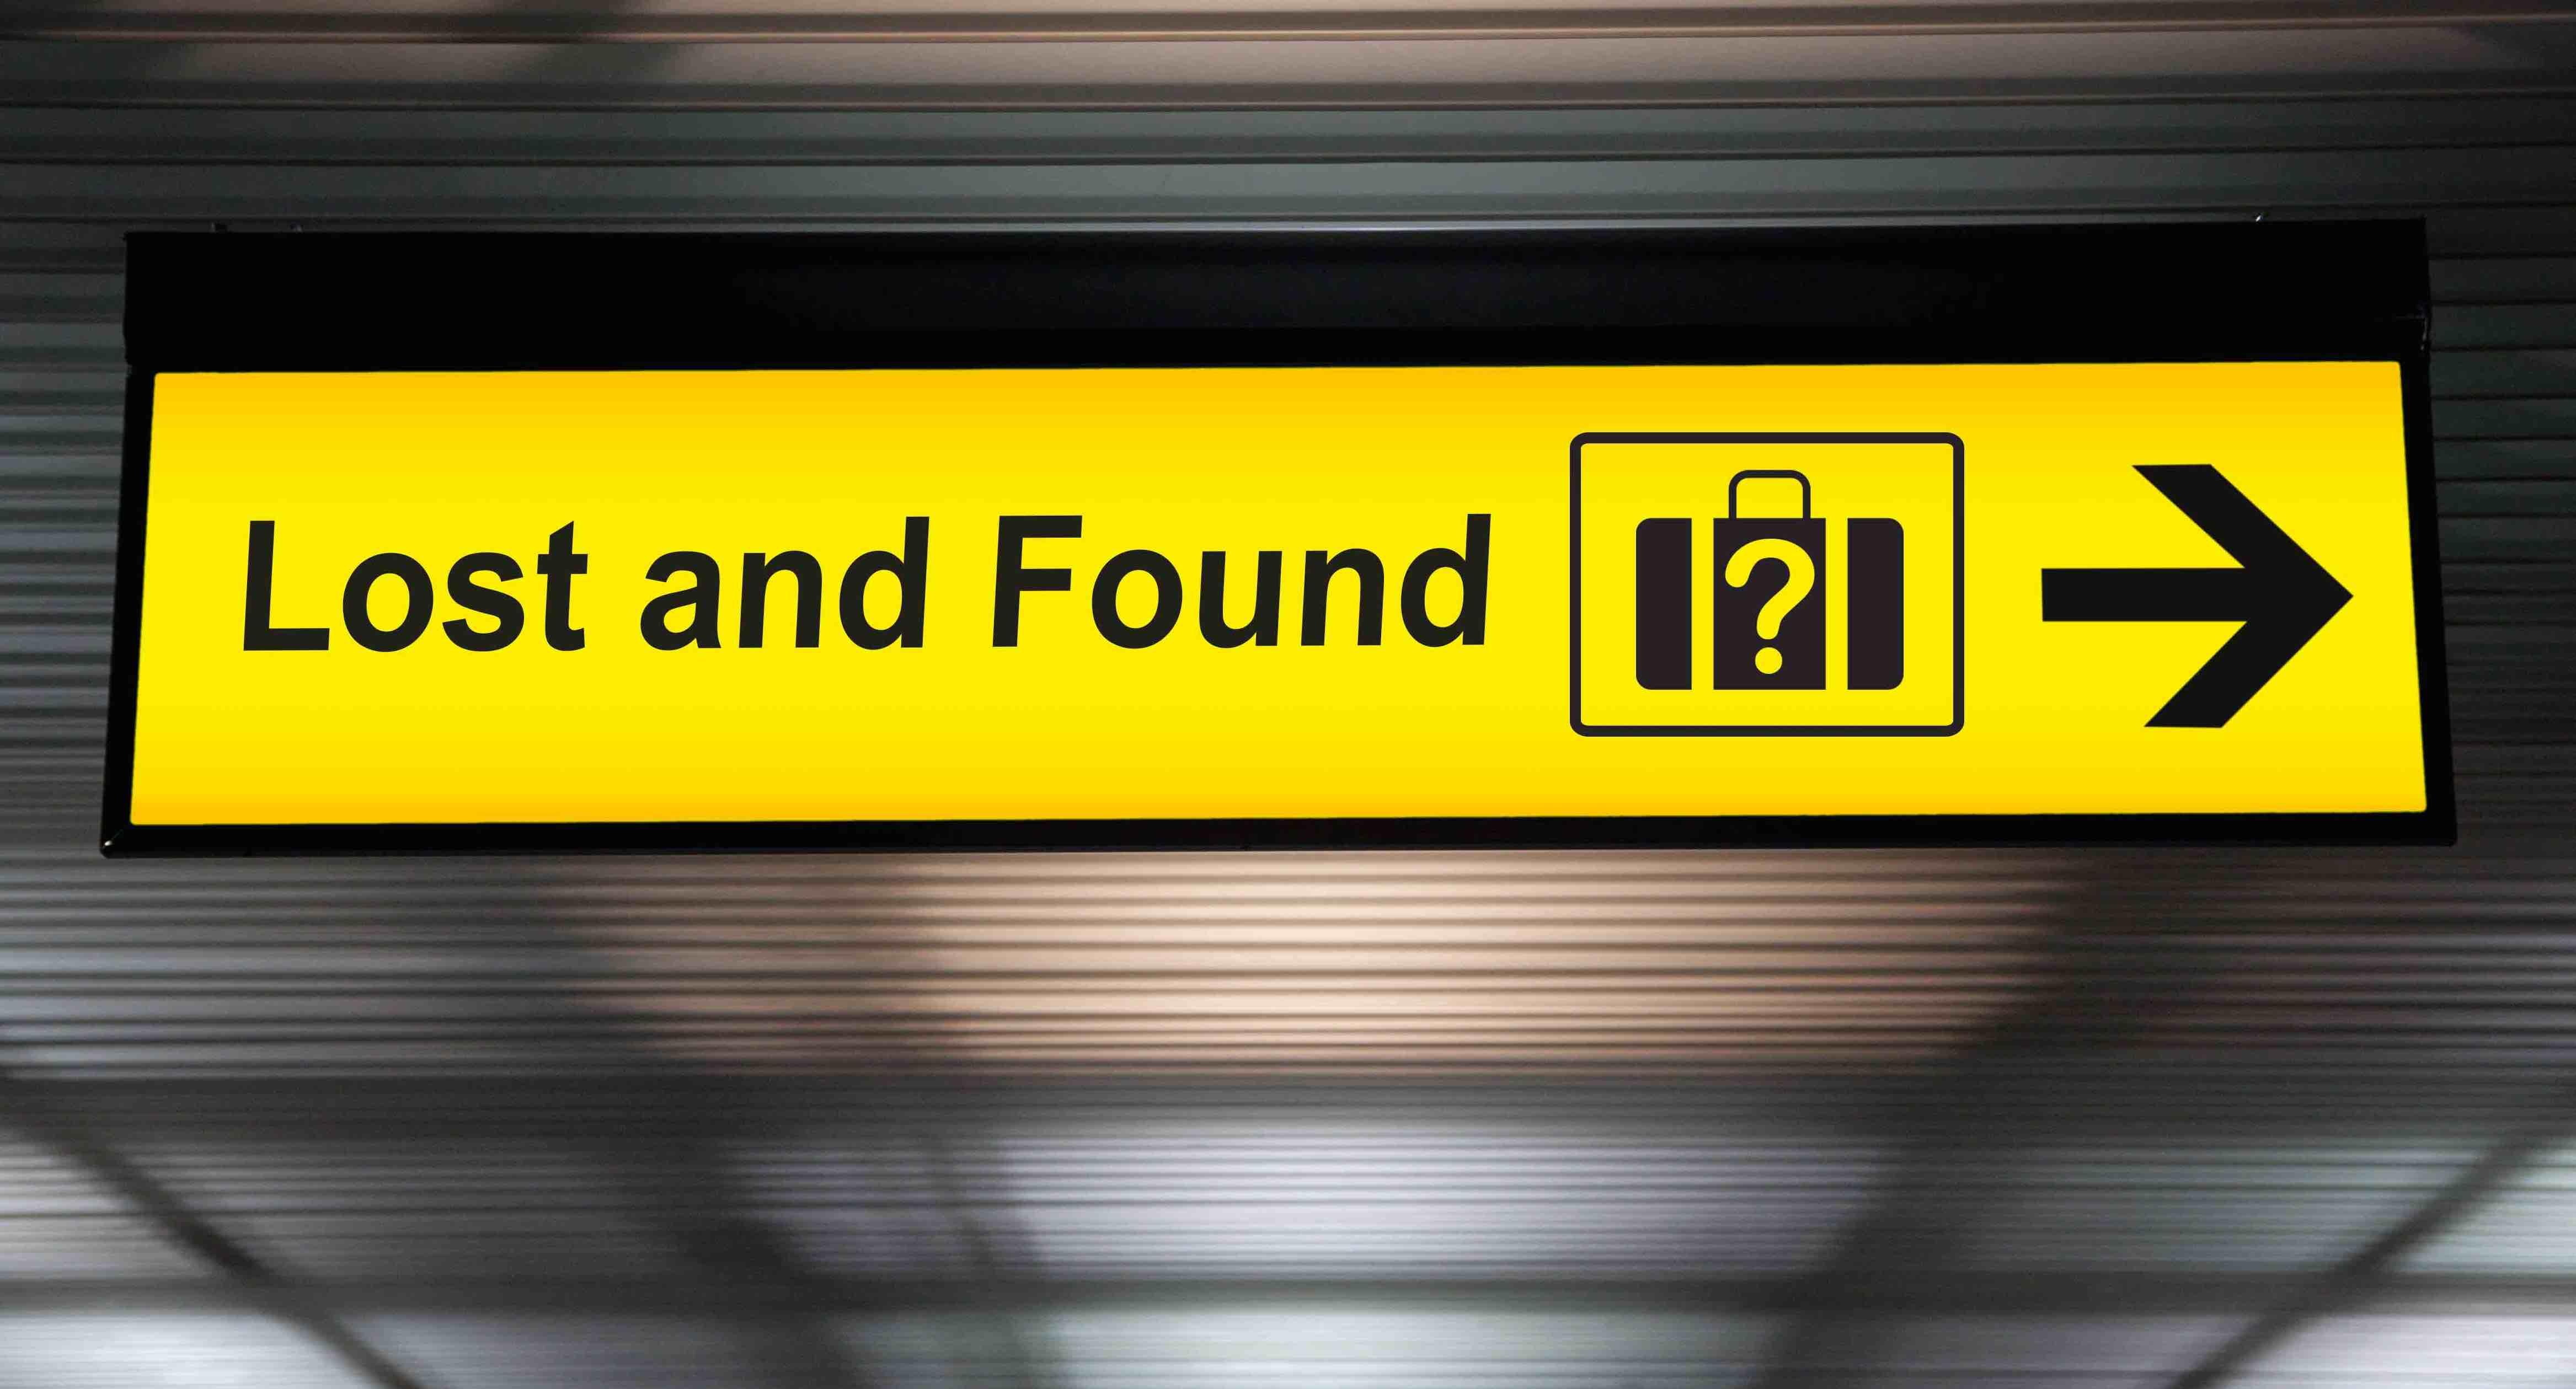 air_dolomiti_lost_baggage